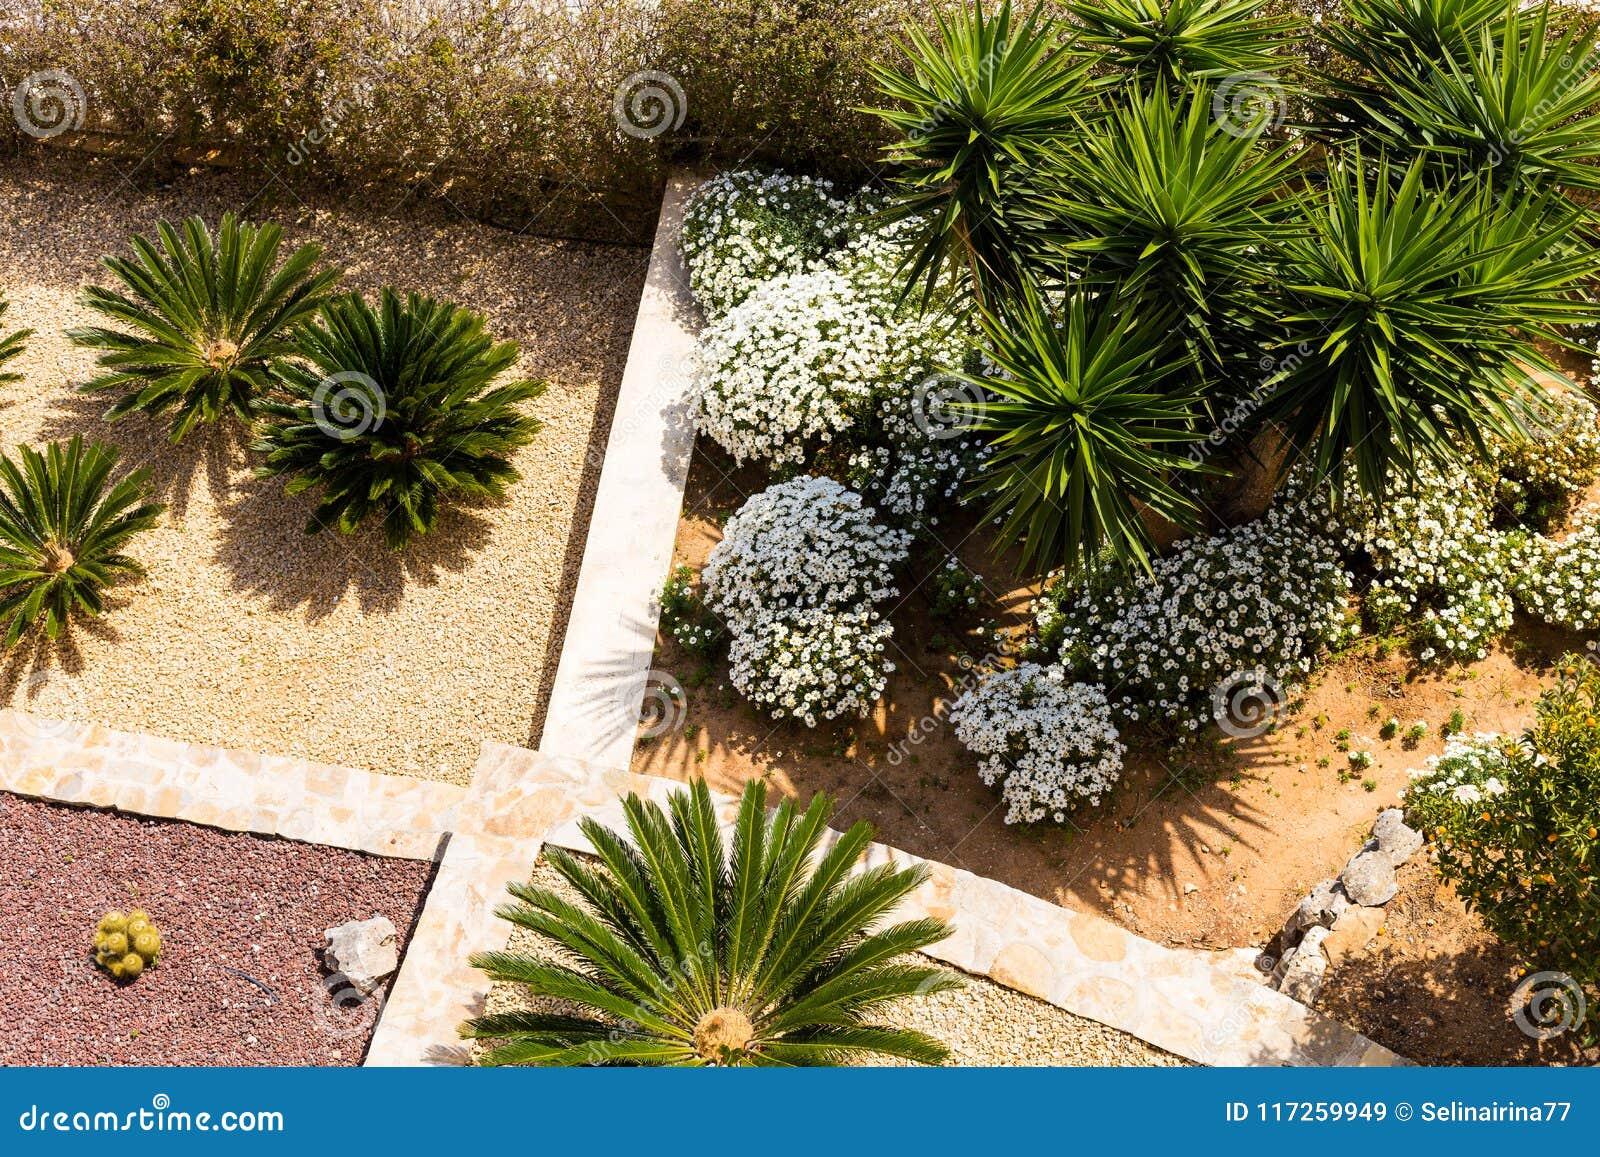 Diseño Del Paisaje Con Las Palmeras Y Las Flores Vista